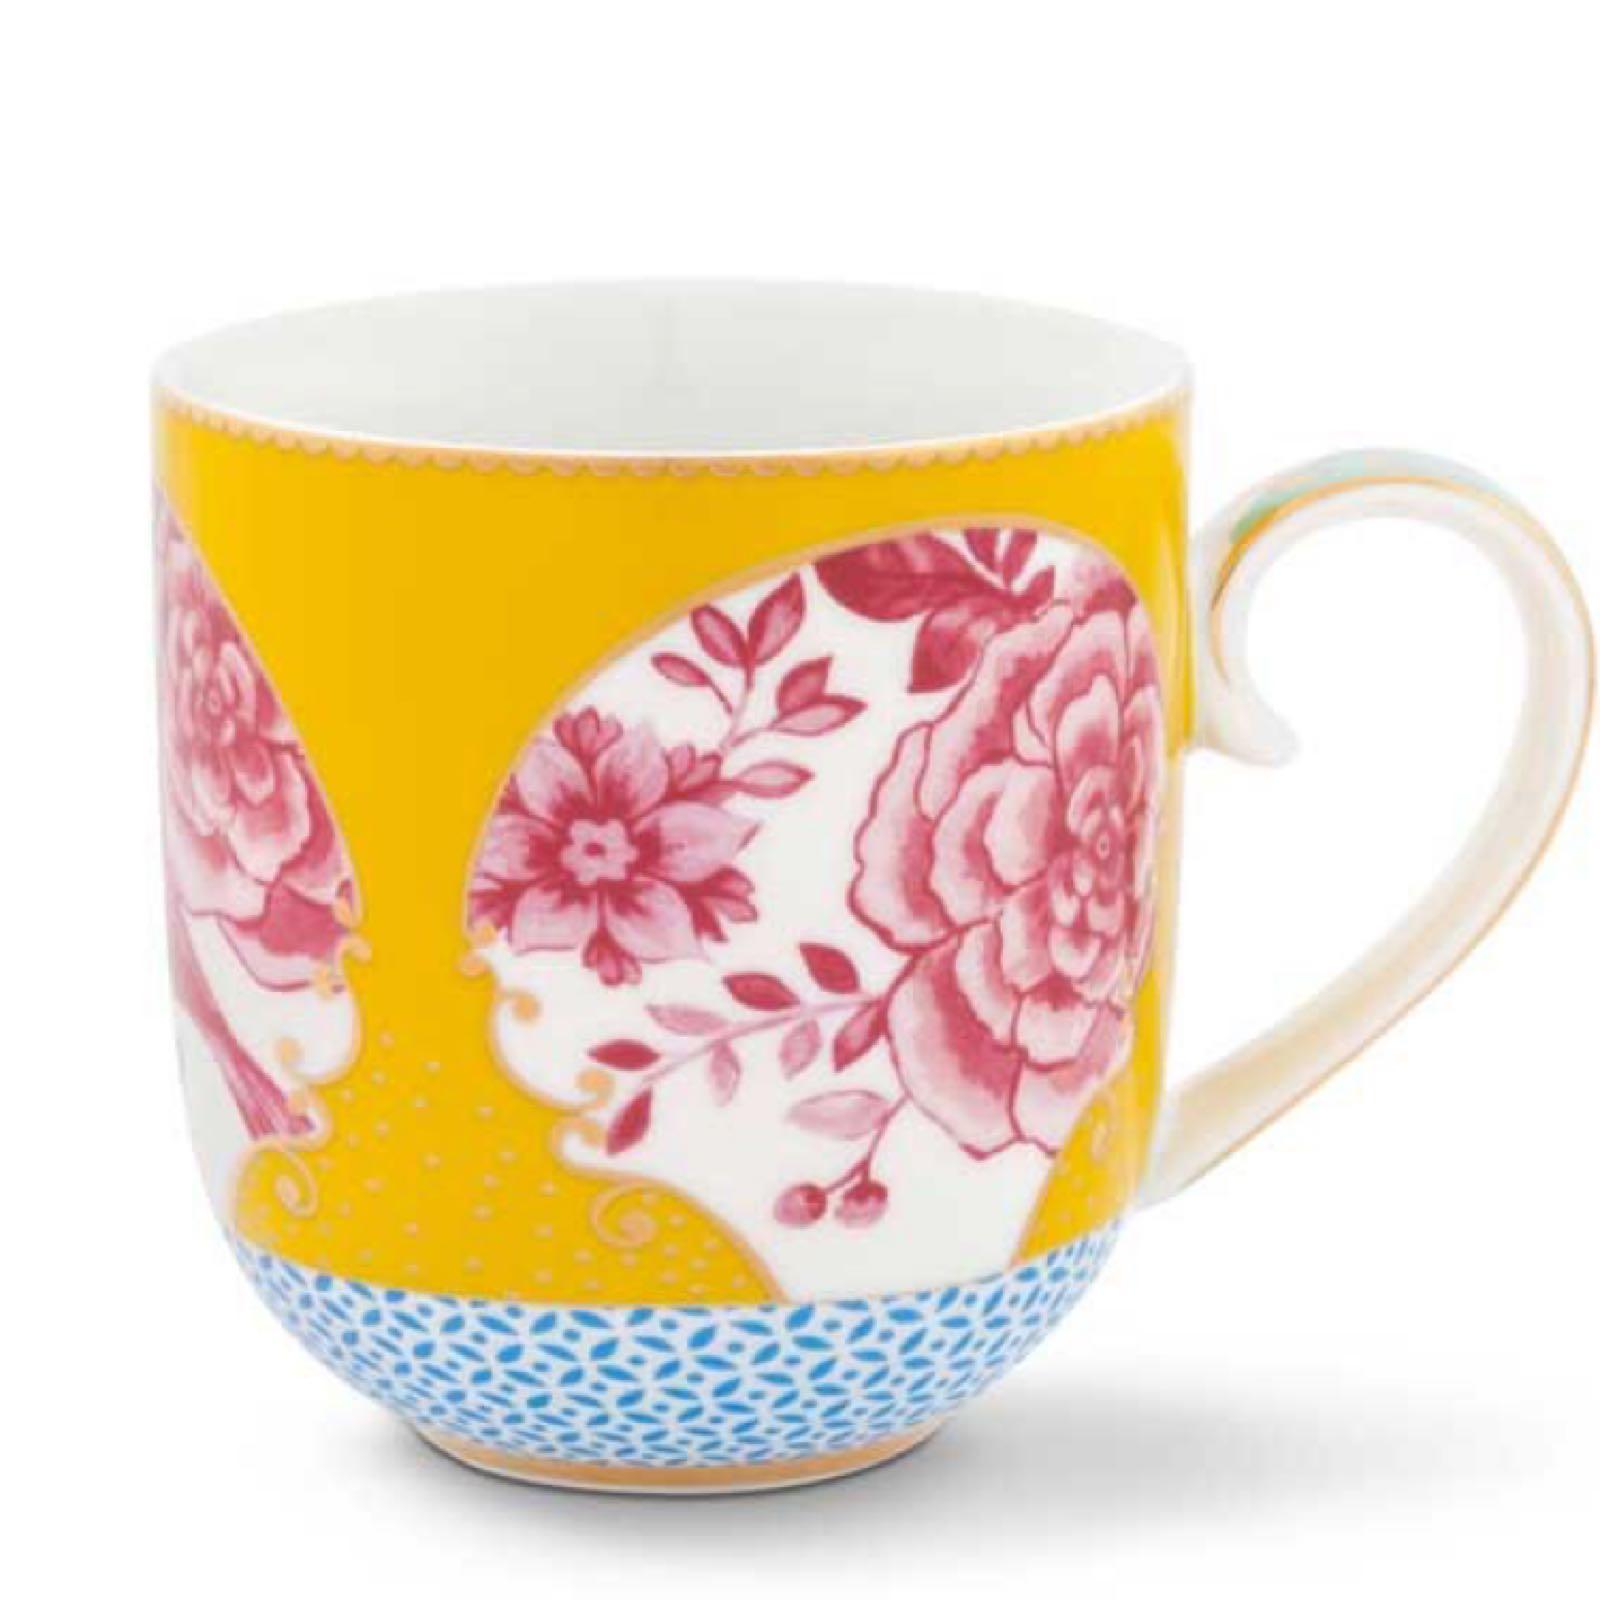 Pip studio mug small royal yellow